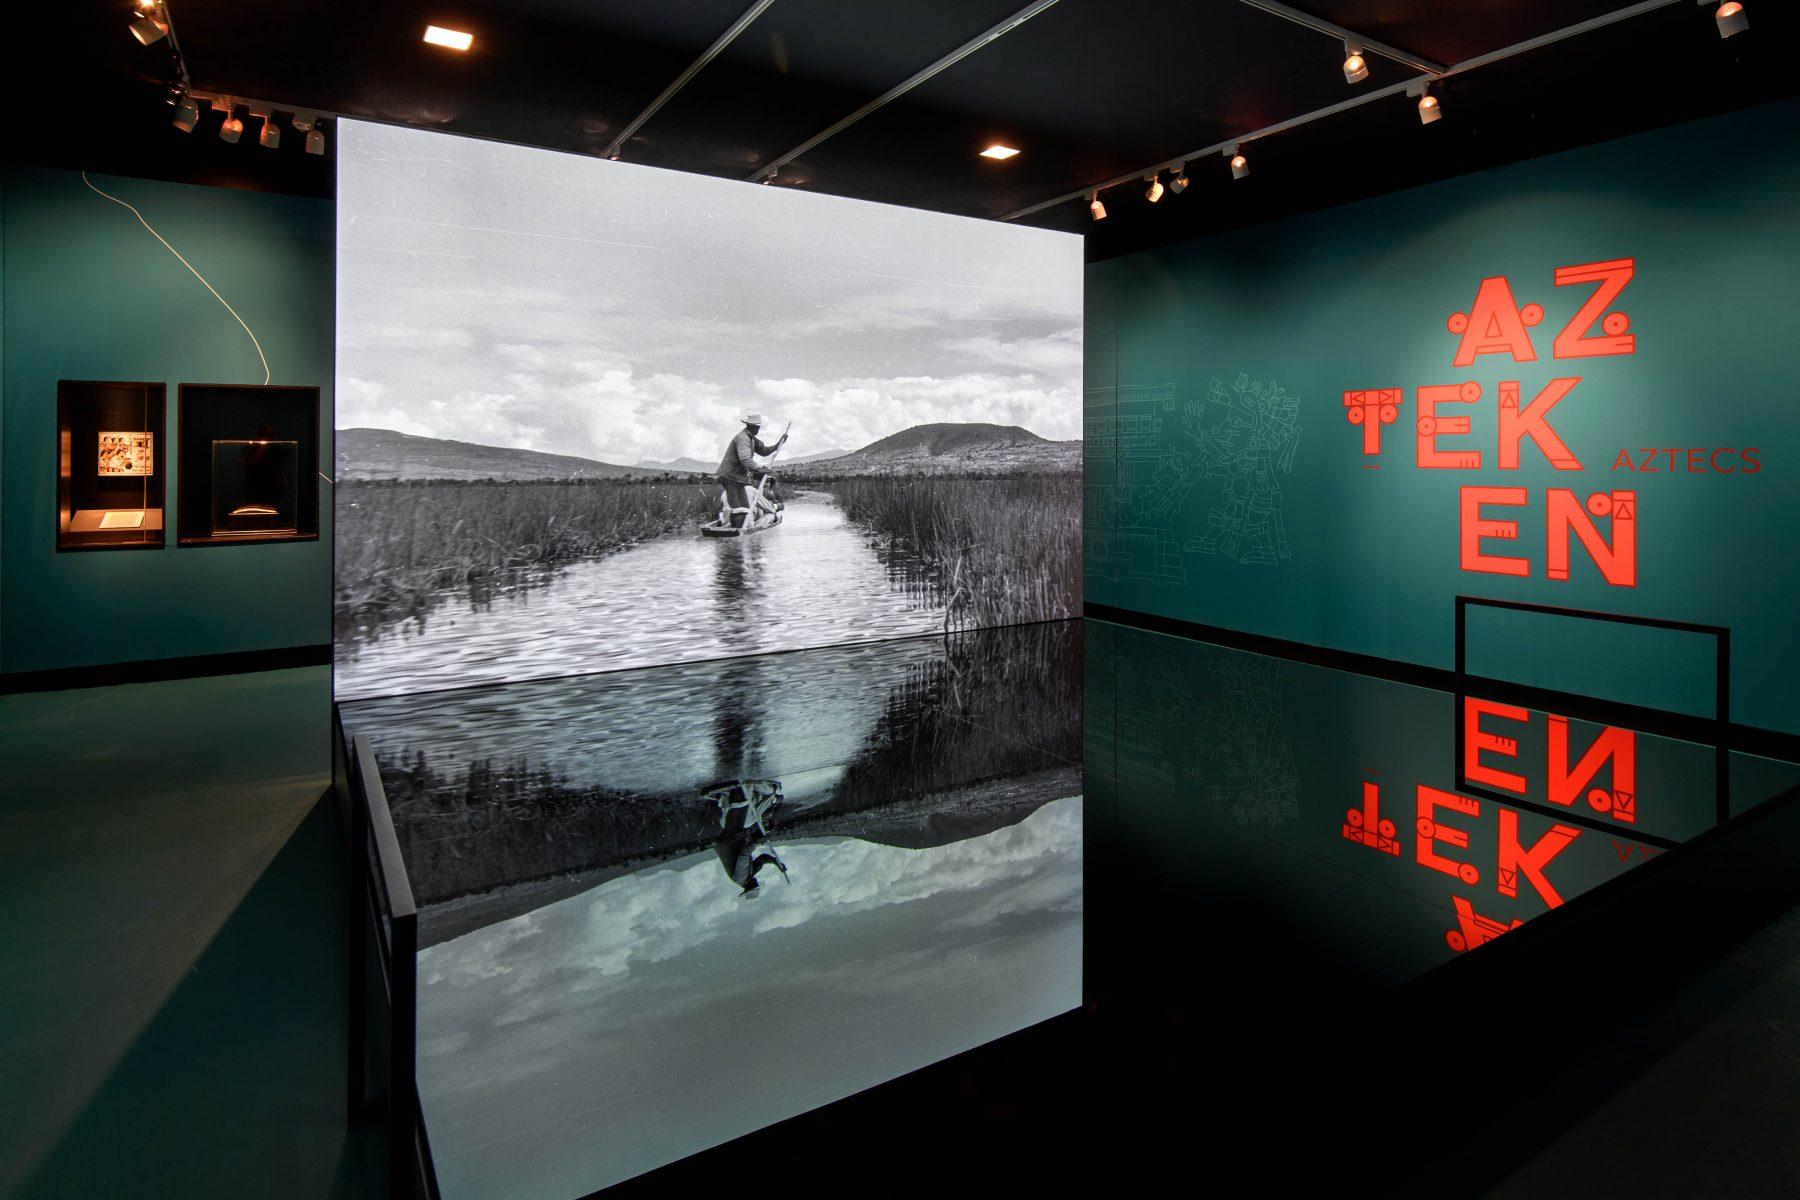 Tentoonstelling Azteken, Stuttgart